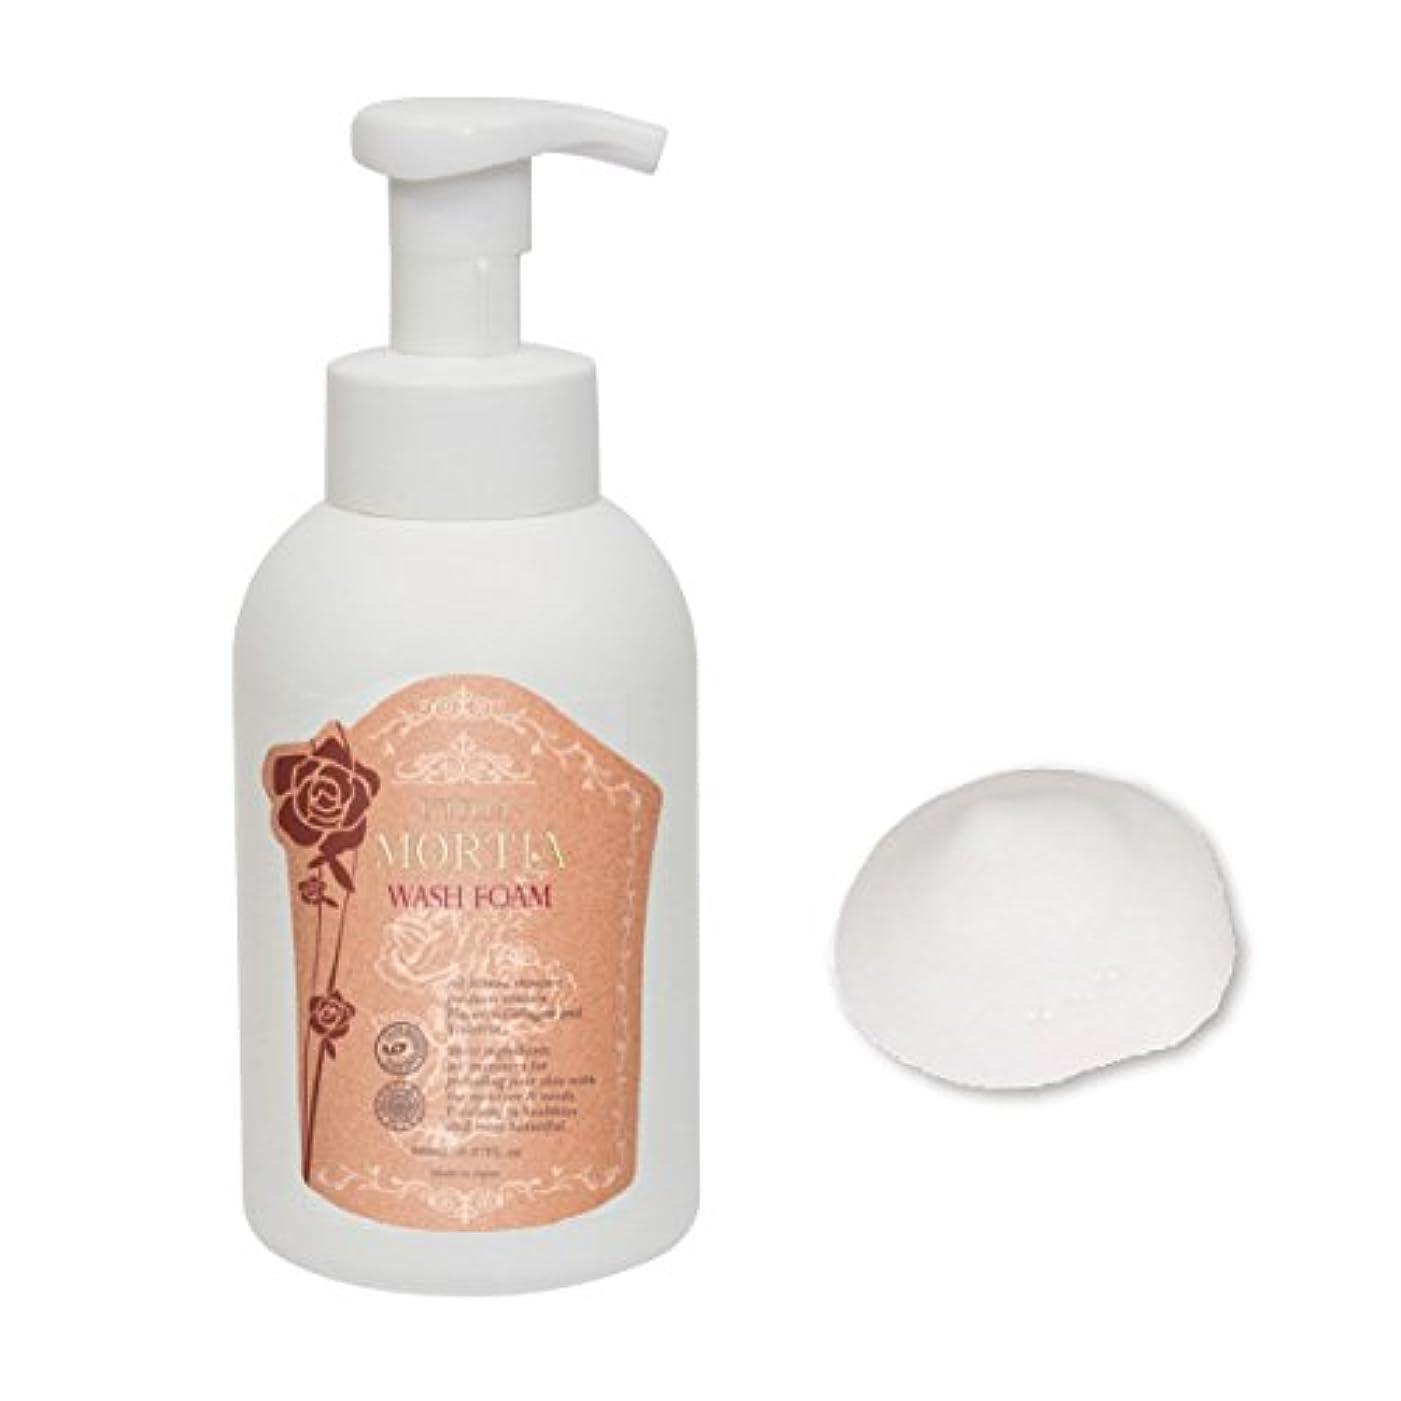 穴カナダシンポジウムエトゥベラ モルティア ウォッシュフォーム 500ml (リンゴ幹細胞 洗顔フォーム 天然水 化粧品)